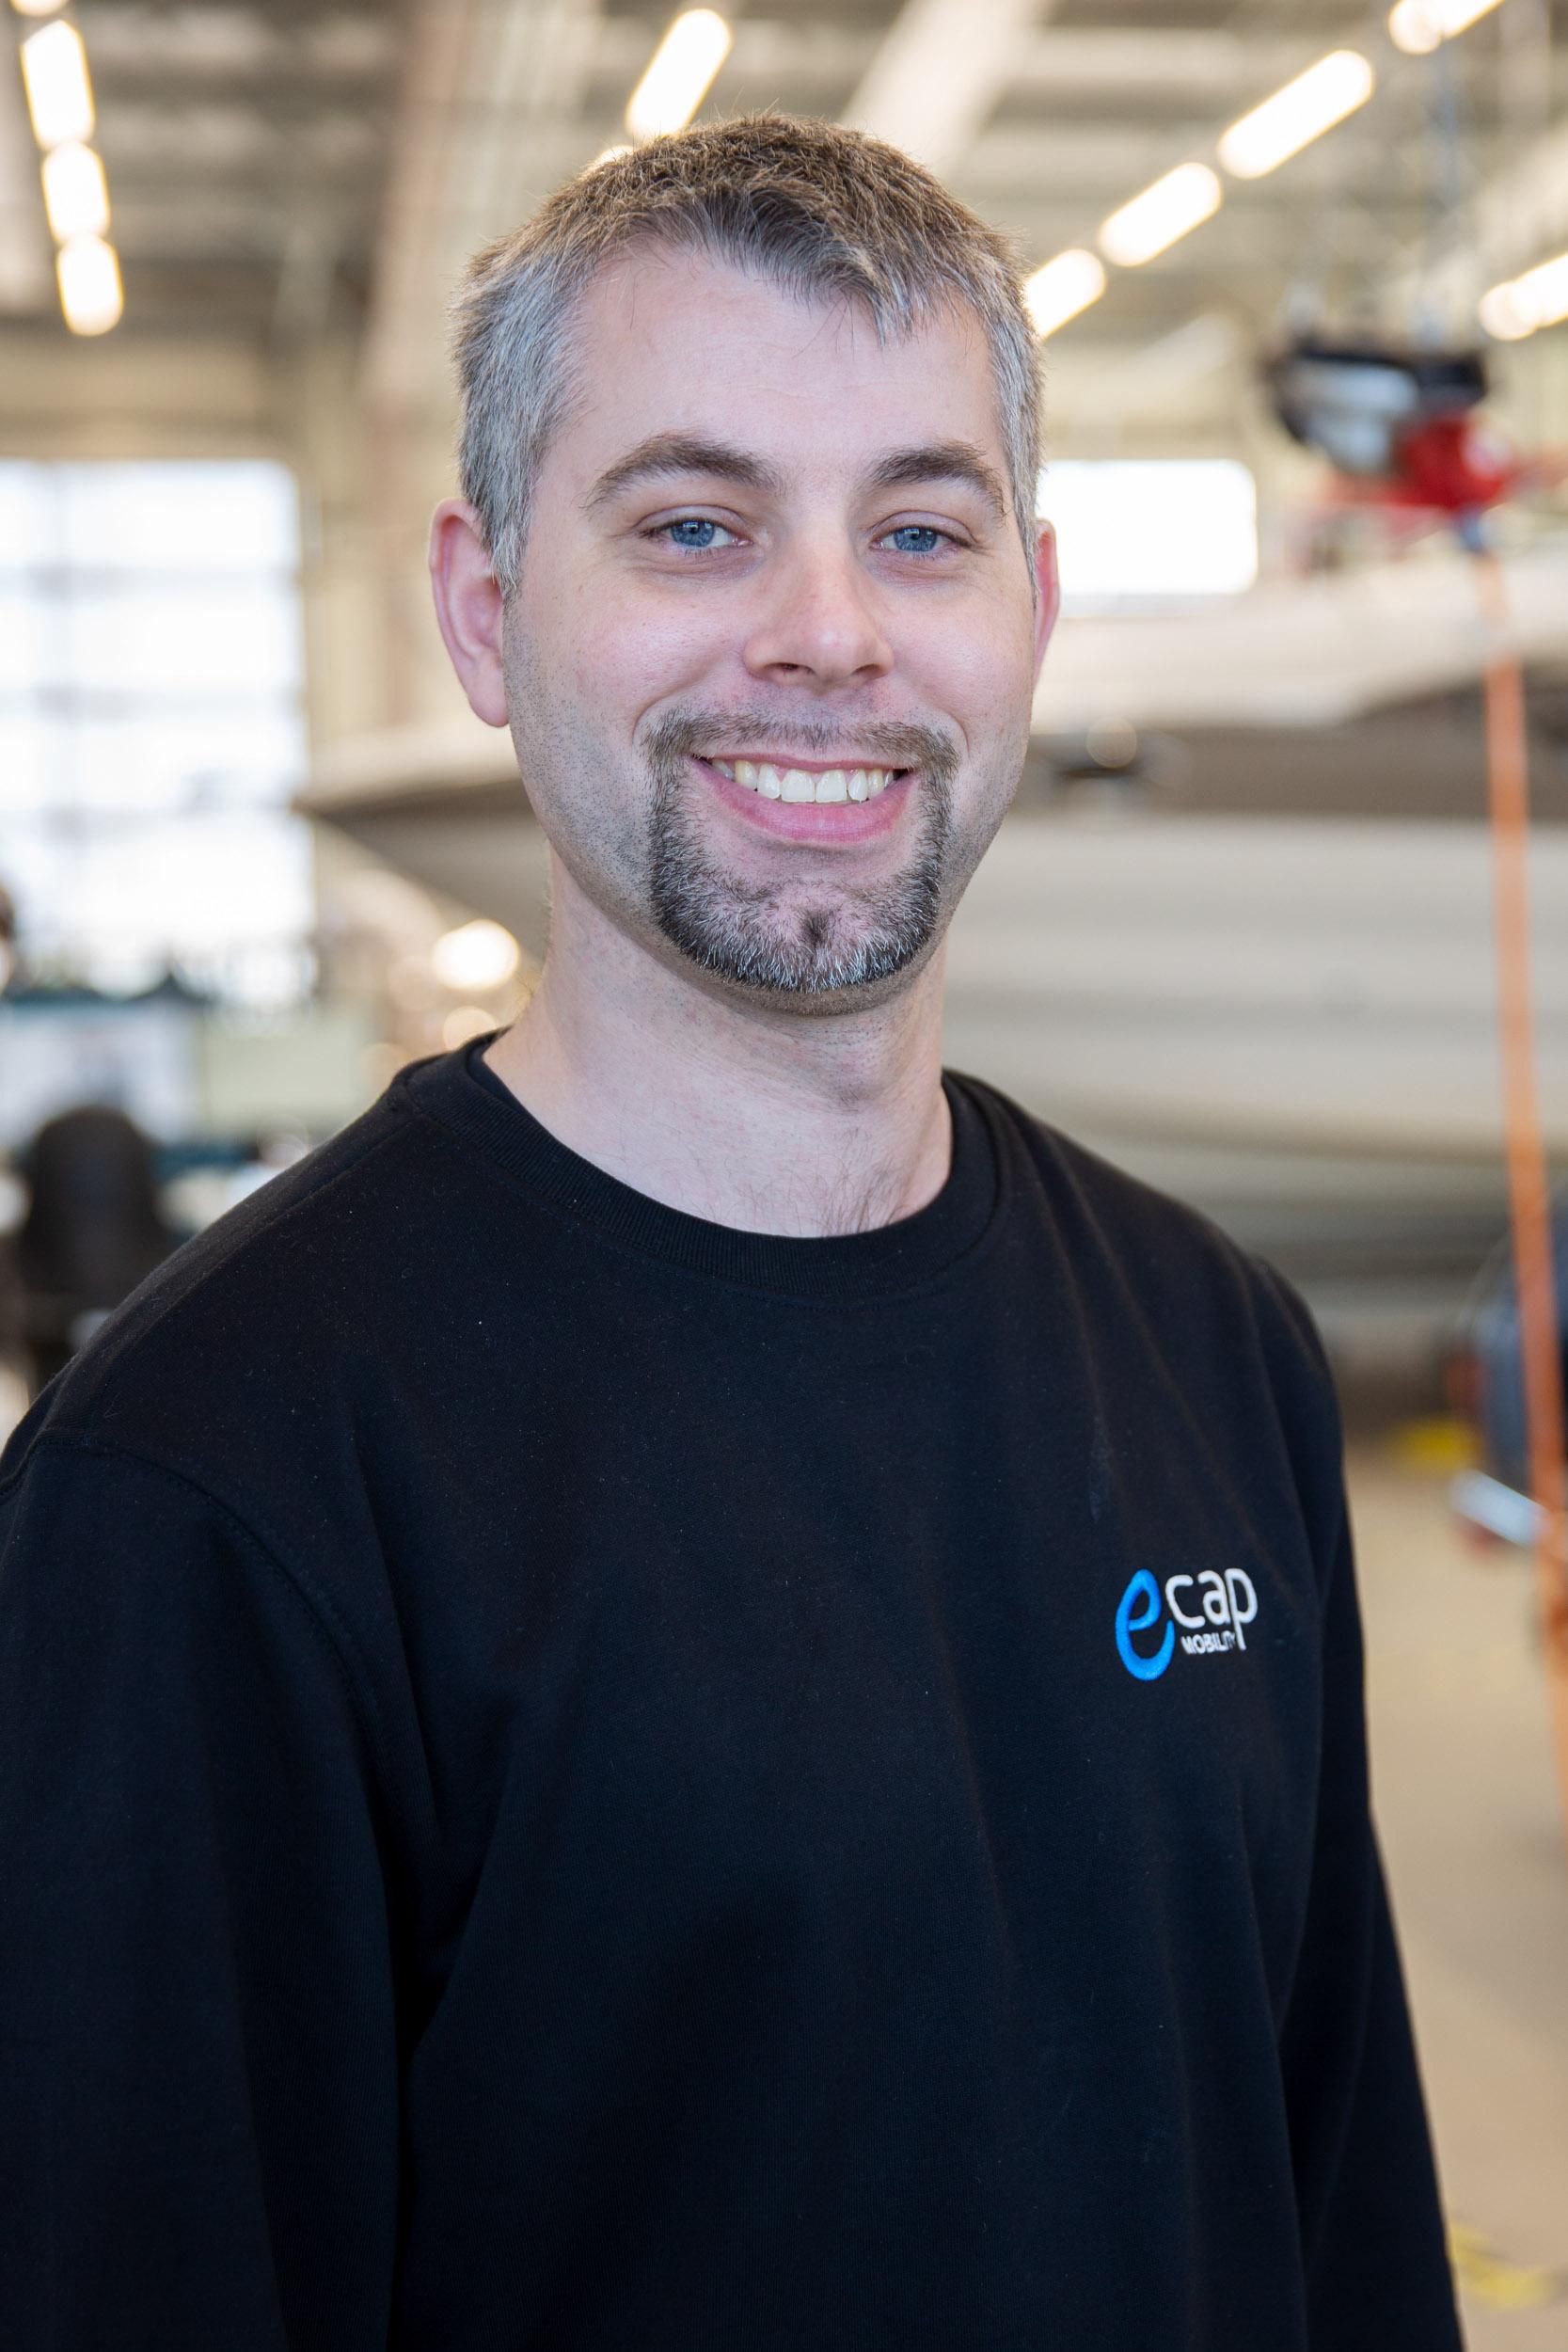 Kevin Lassen | Kfz-Mechatroniker  kla@ecap-mobility.com